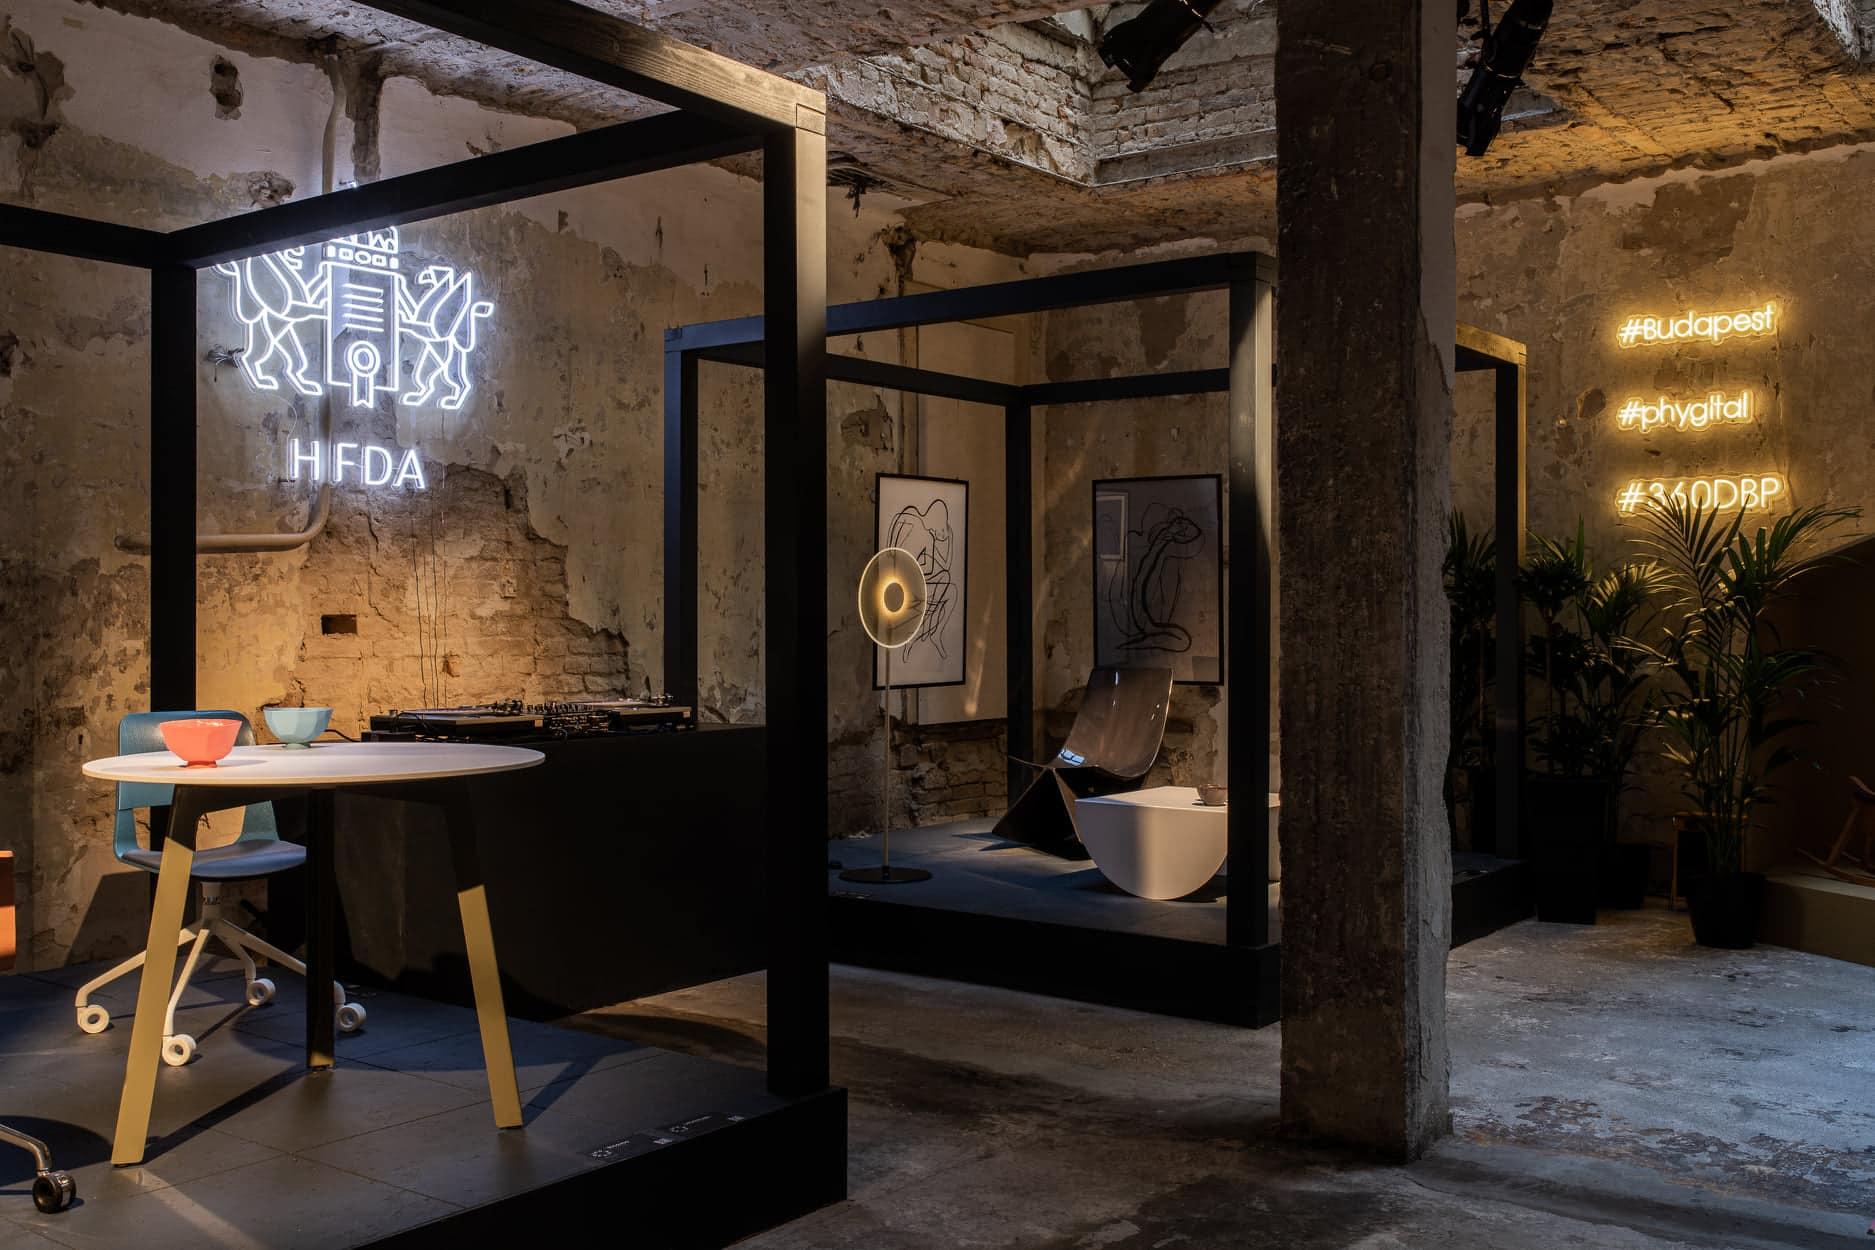 Mddu Magyar Divat &Amp; Design Ugynokseg 360 Design Budapest Kiallitas